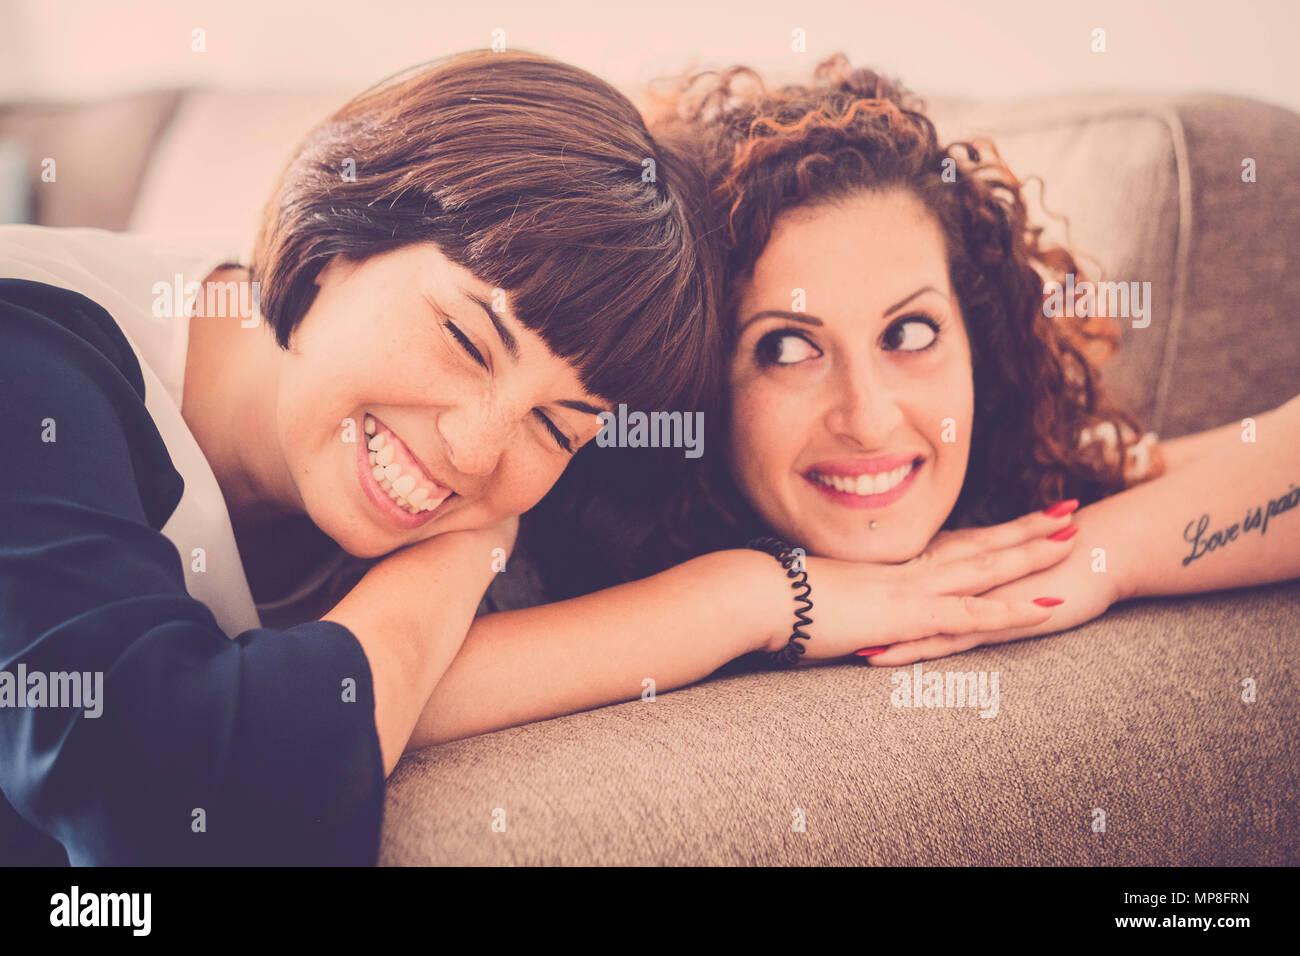 Schöne Zeit und Glück mit Lachen und Lächeln für zwei kaukasischen Freunde zusammen auf dem Sofa zu Hause. Freundschaft Konzept für innen Bild w Stockbild